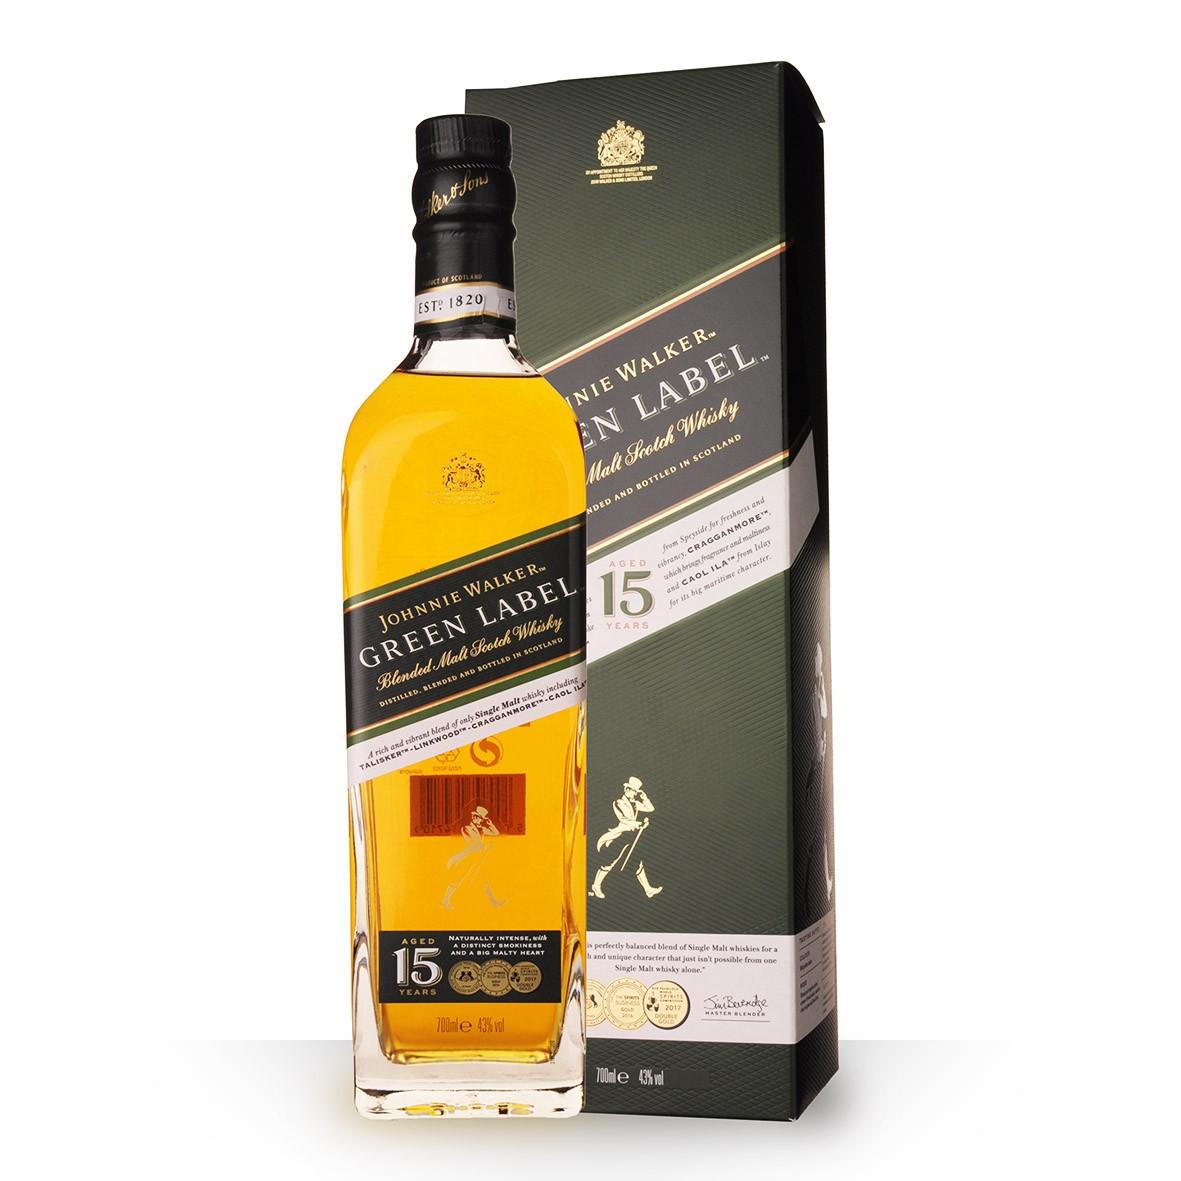 Whisky Johnnie Walker Green Label 15 Ans Réserve 70cl Etui www.odyssee-vins.com